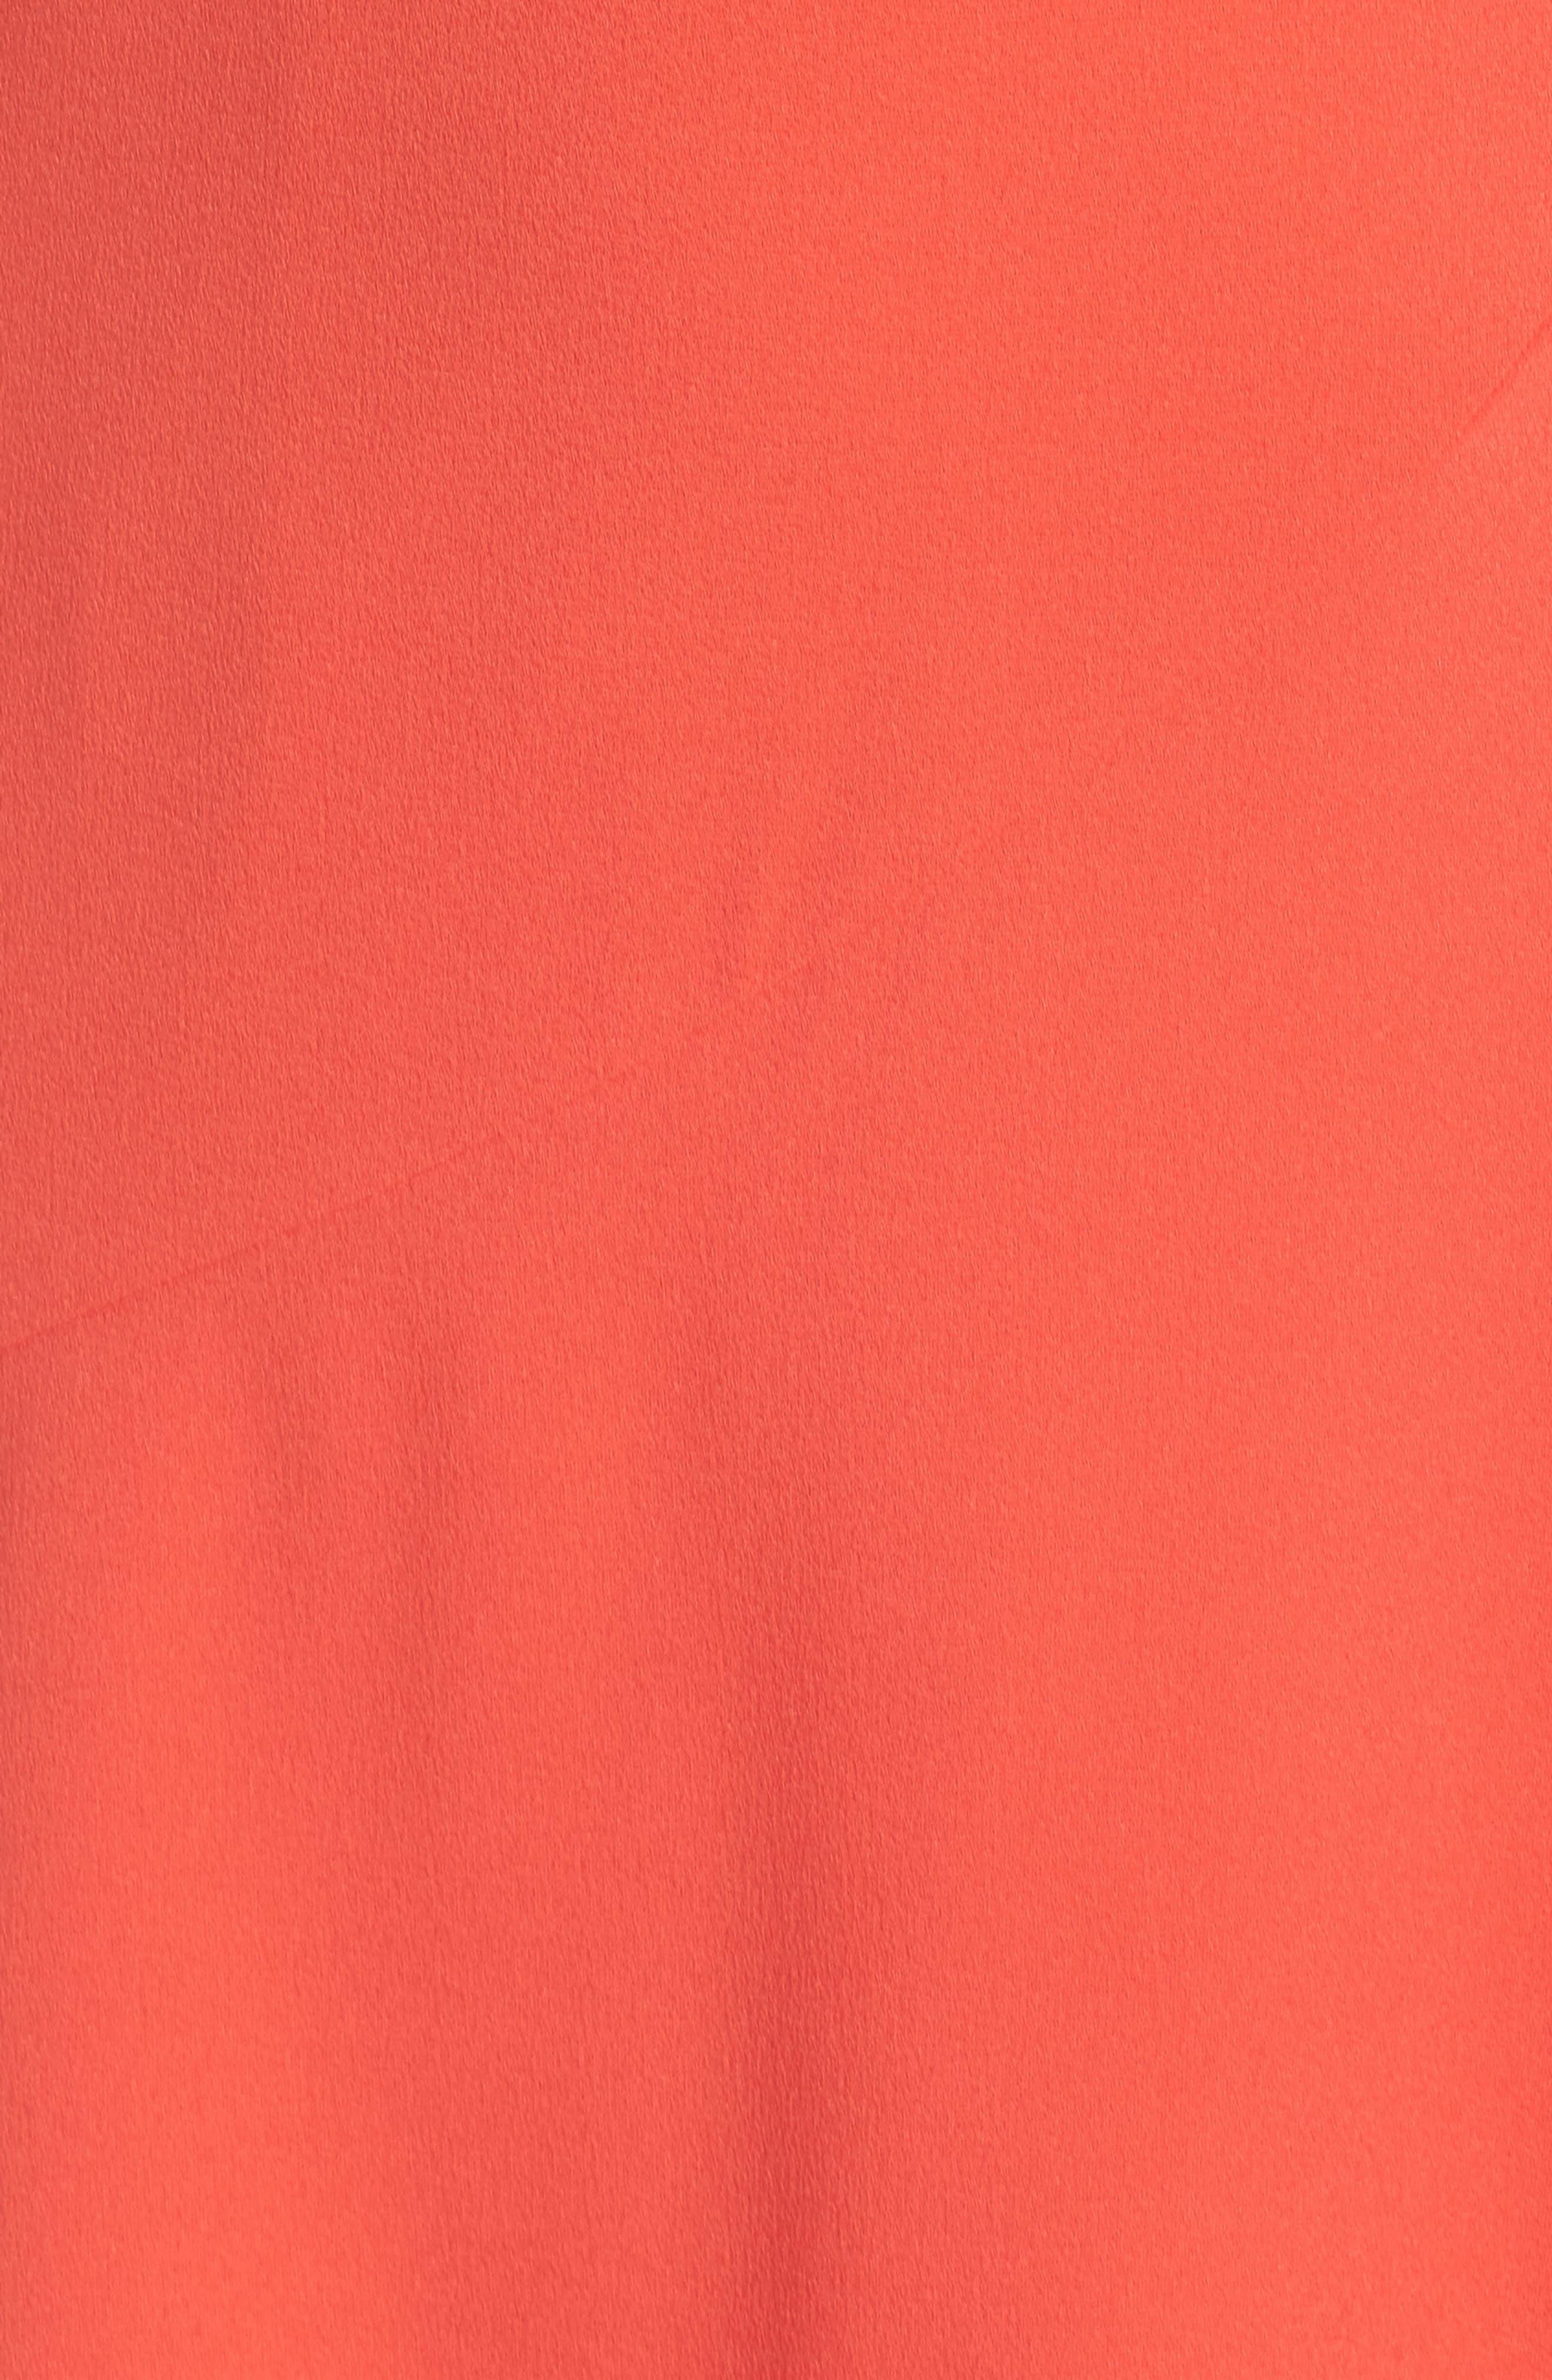 Crepe Surplice Dress,                             Alternate thumbnail 5, color,                             Coral